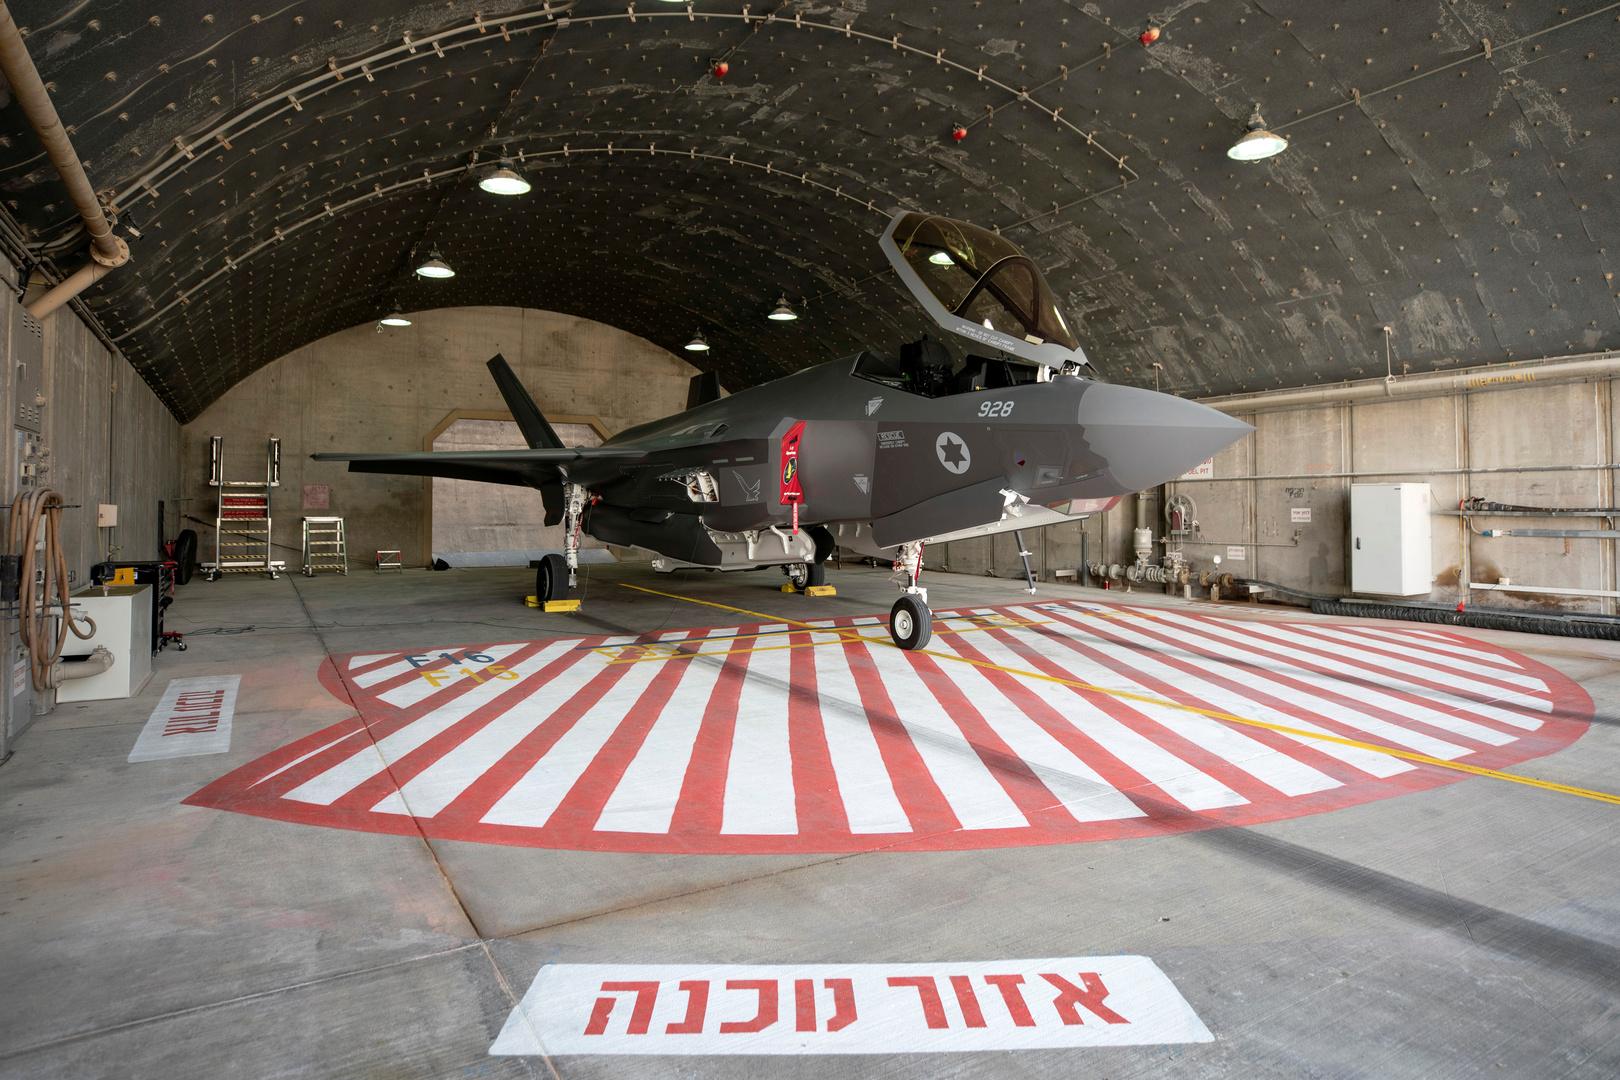 الجيش الإسرائيلي يحصي عدد غاراته على سوريا عام 2020